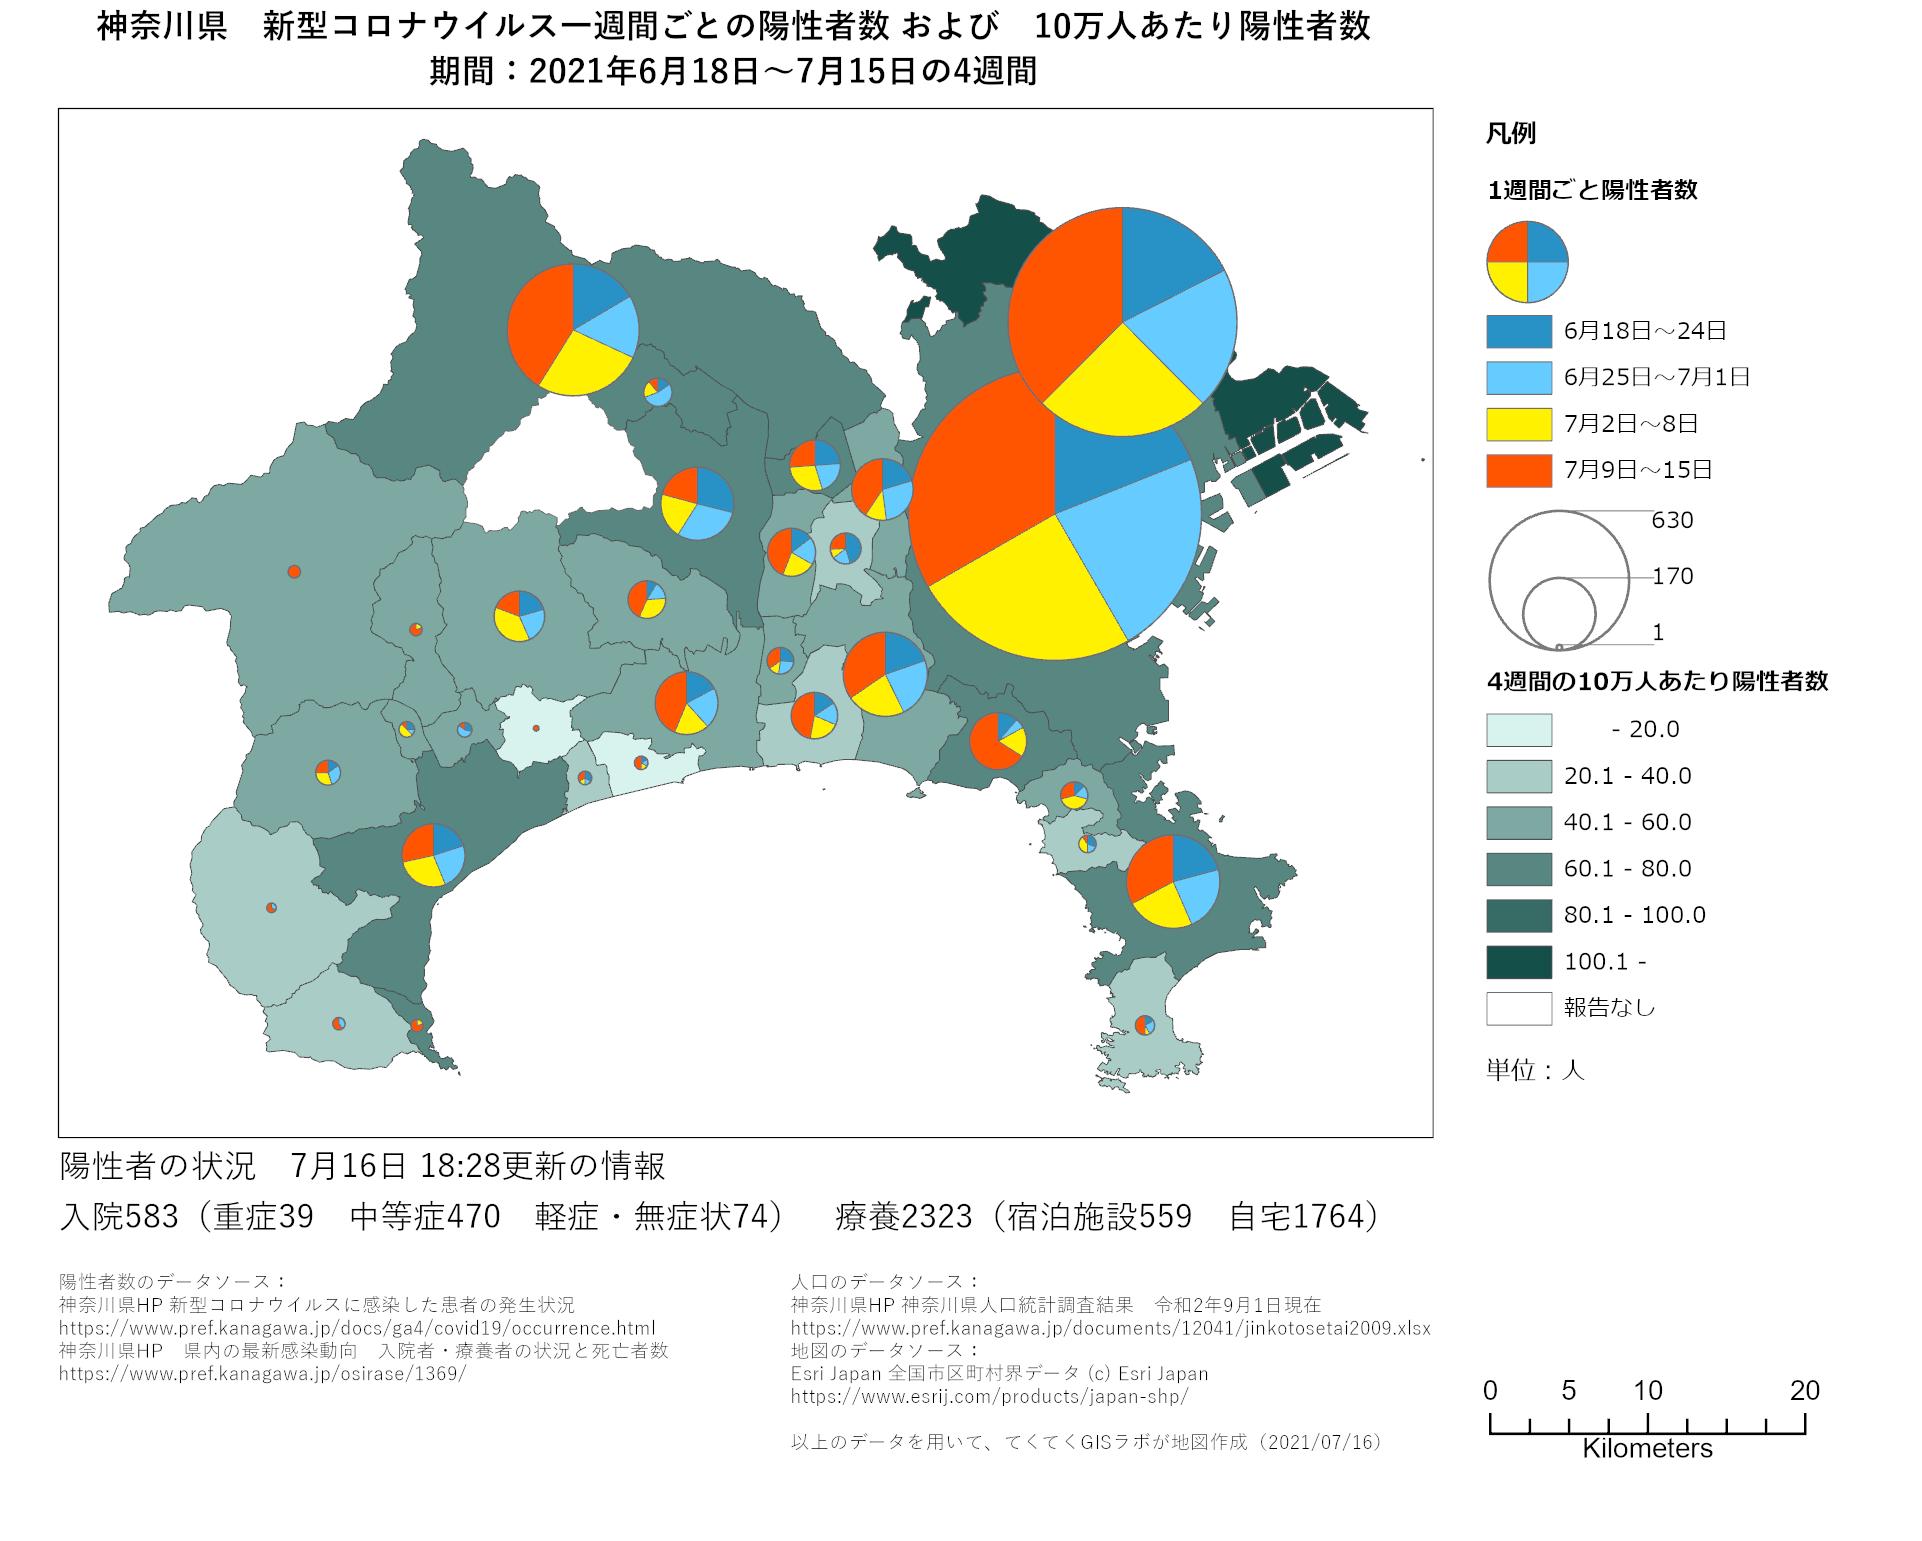 1週間ごと感染者数、神奈川県、6月18日〜7月15日